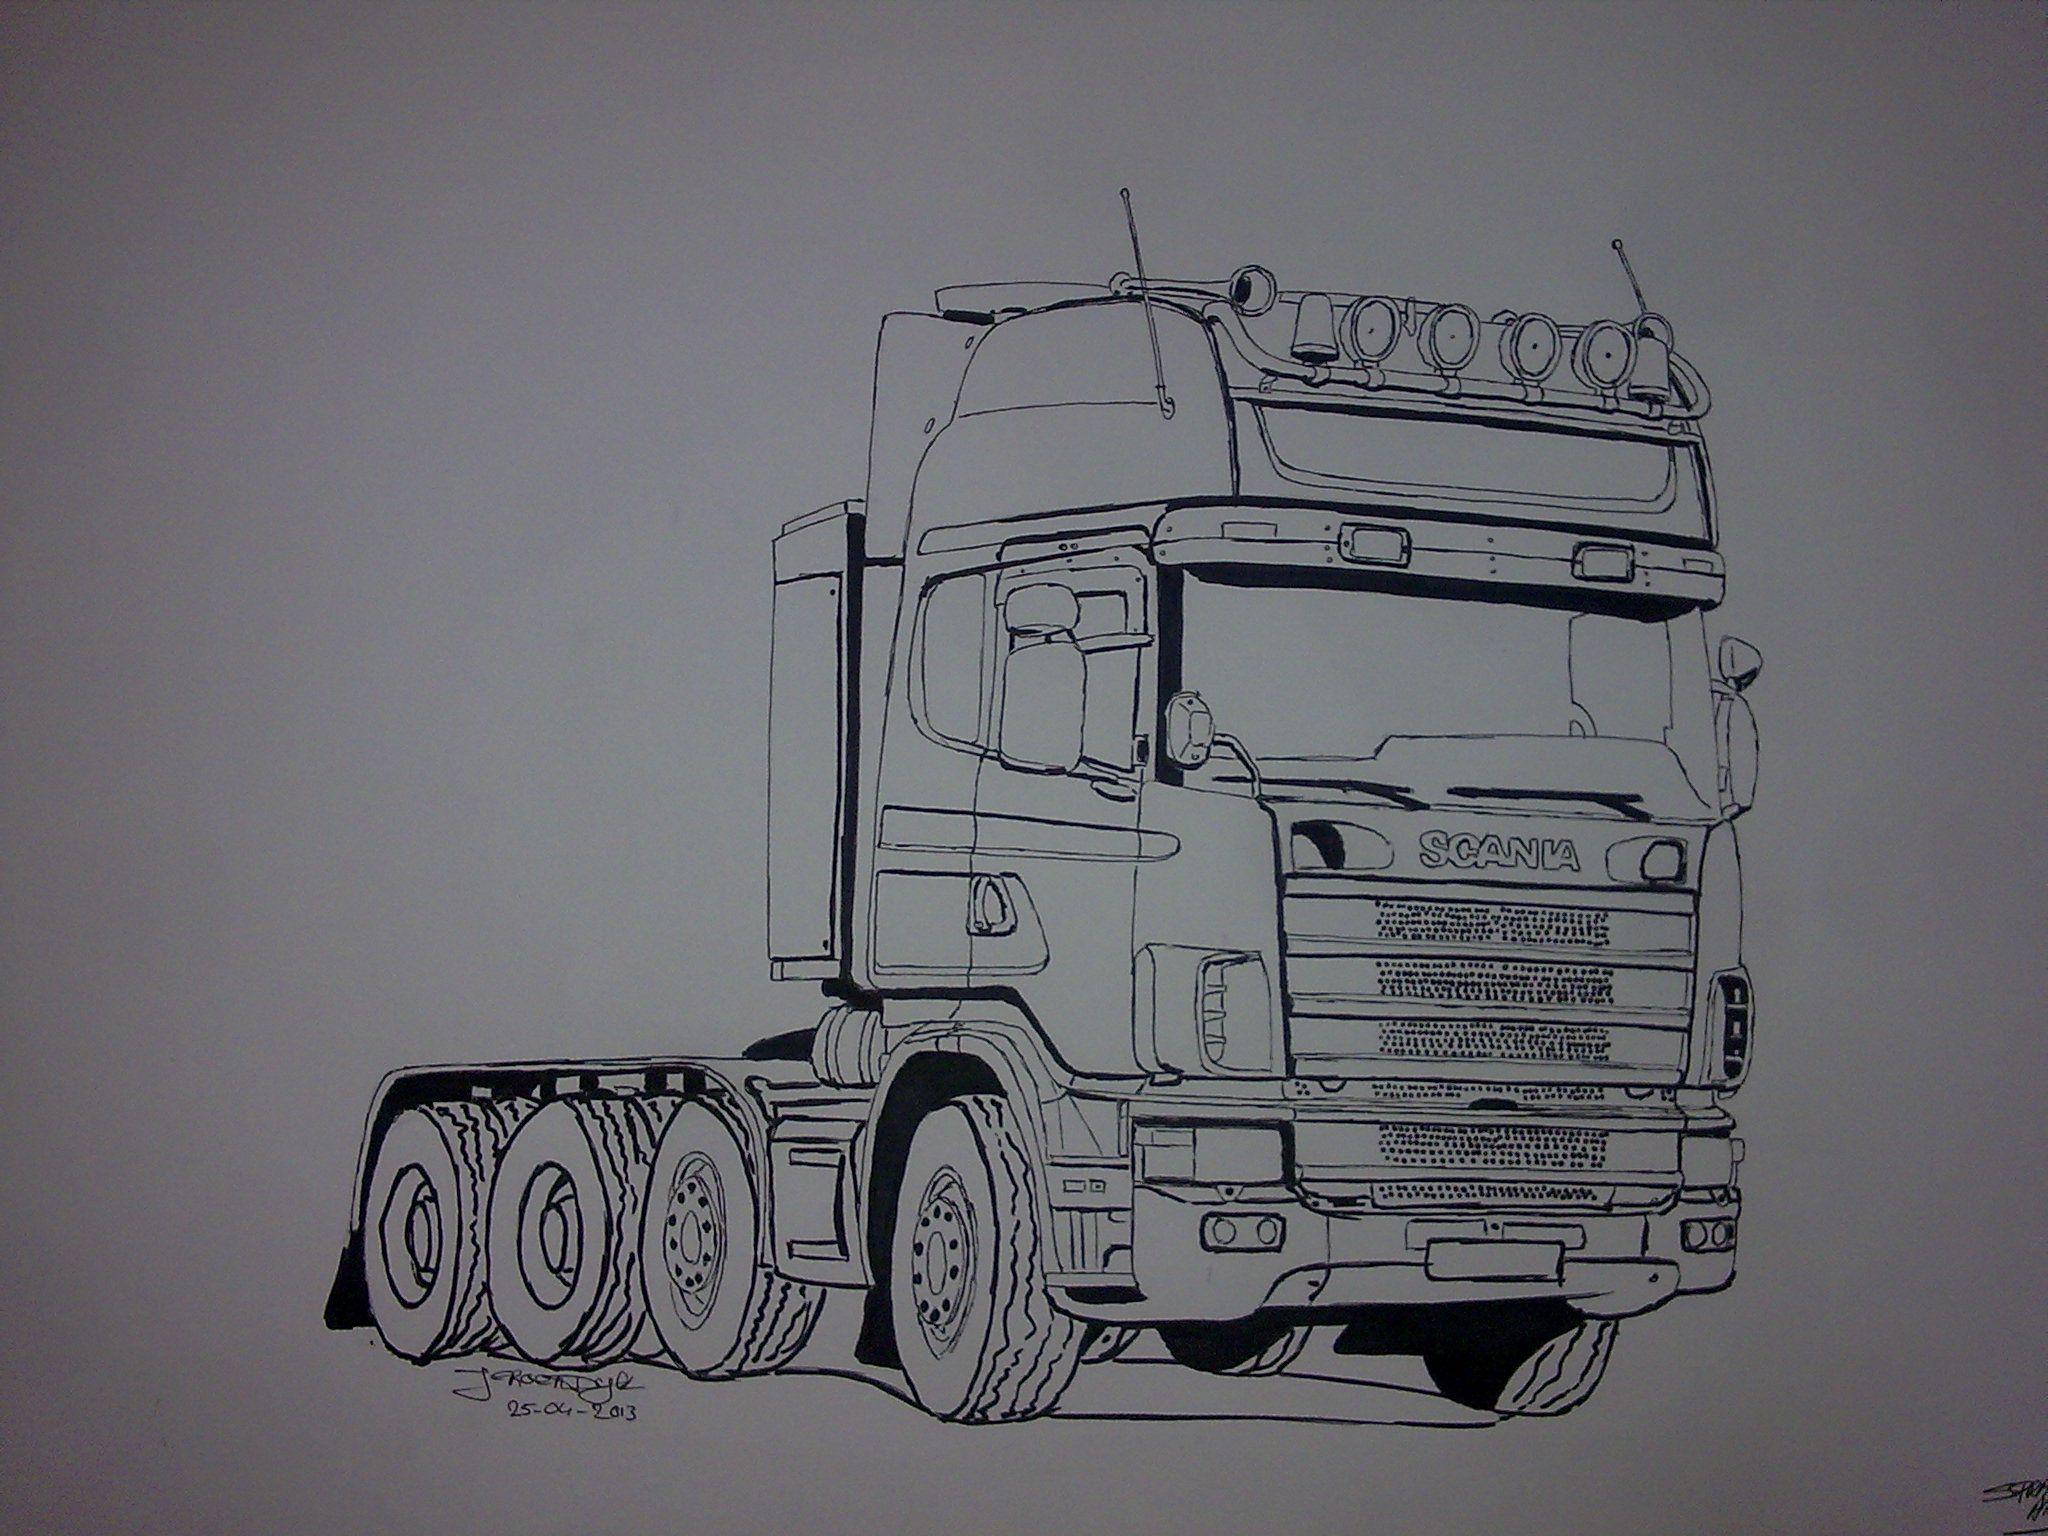 Pin De Grzegorz Borlu Em Tiry Desenhos De Carros Projetos De Carros Desenhos De Caminhoes